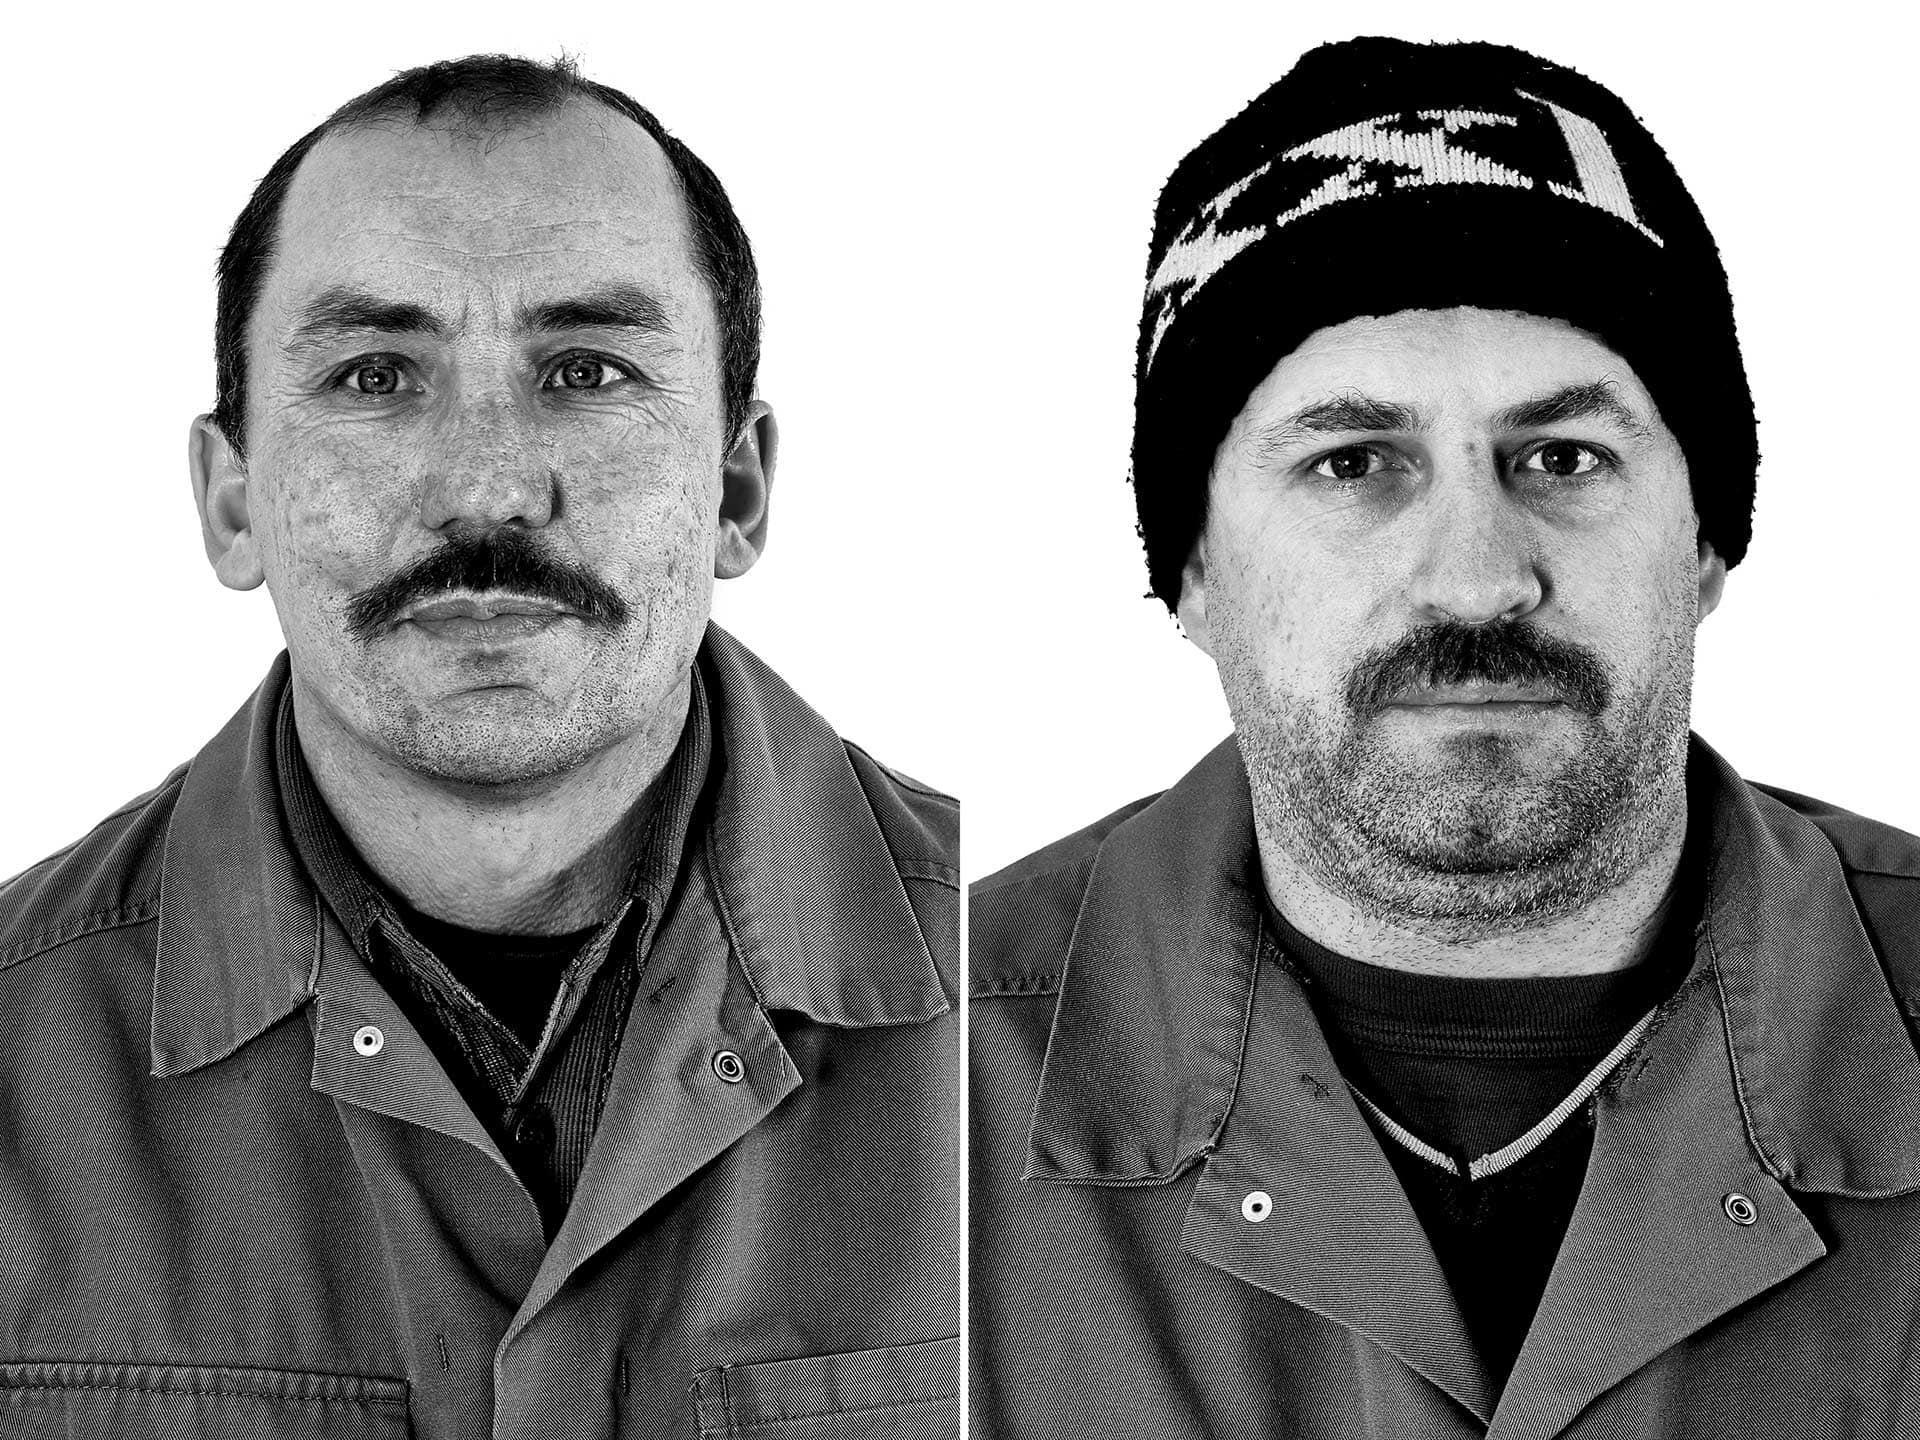 Fotograf Fürth-Mitarbeiterportraits-full metal jacket